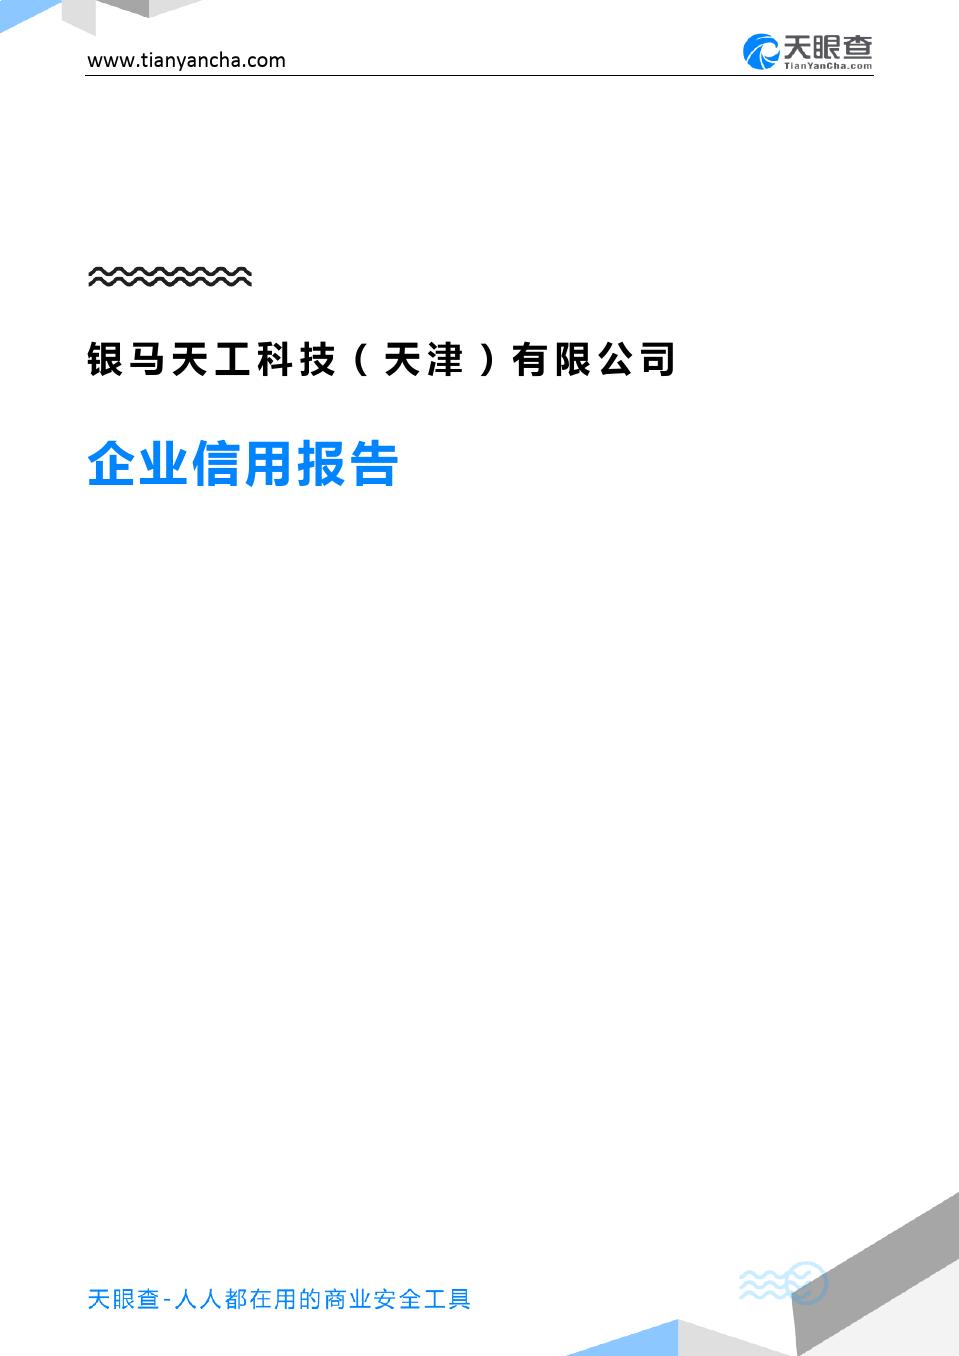 银马天工科技(天津)有限公司企业信用报告-天眼查